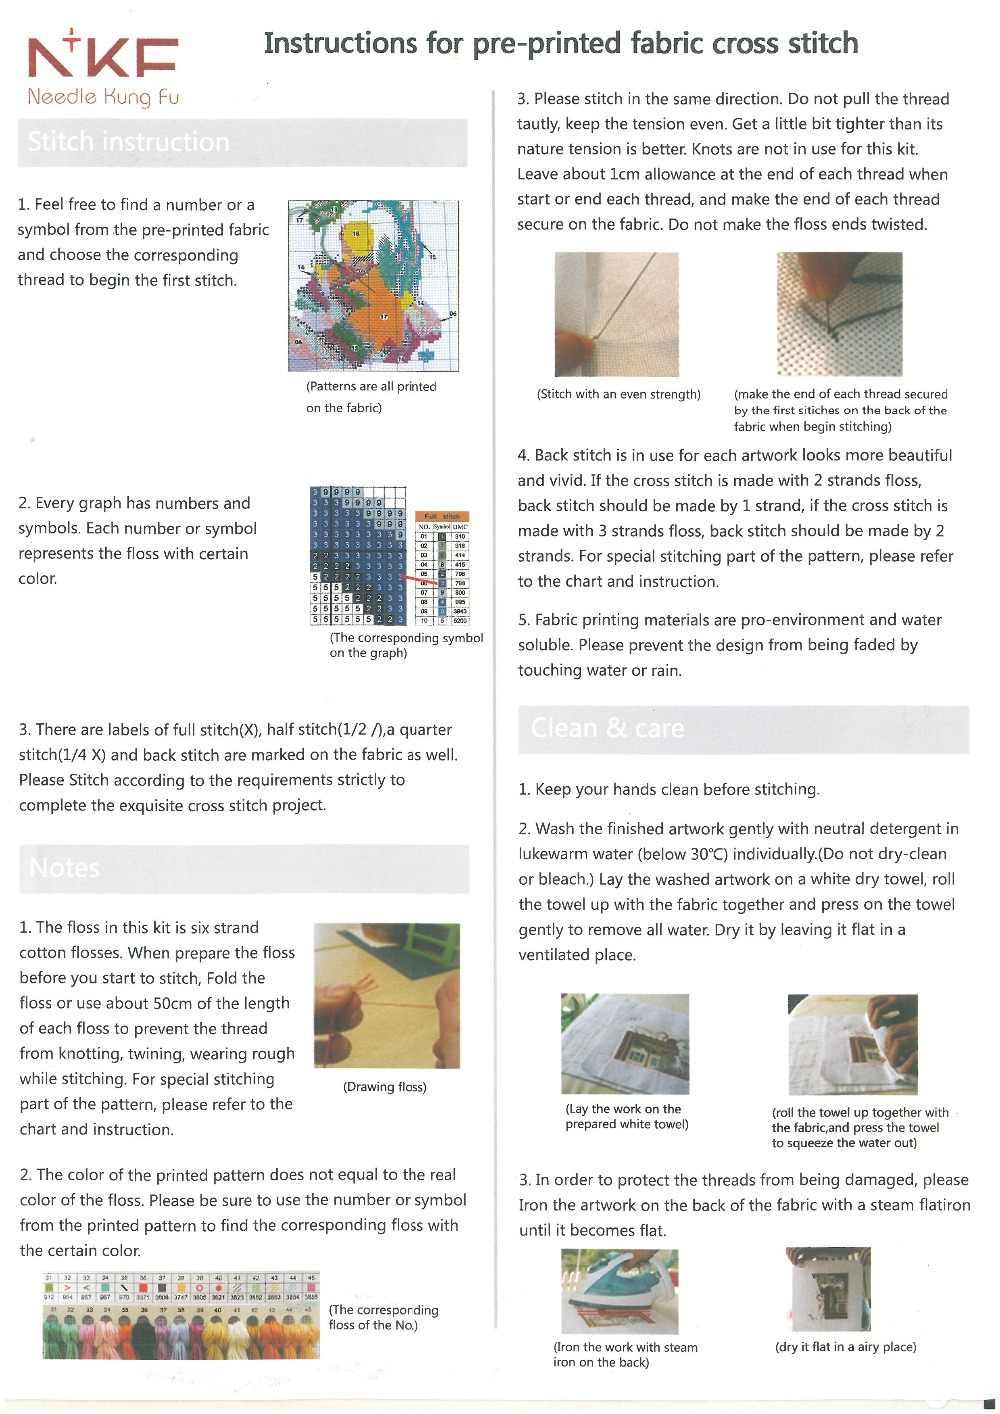 Вечерние наборы крестиков на день рождения с героями мультфильмов Аида граф 14ct 11ct вышивка DIY рукоделие ручной работы